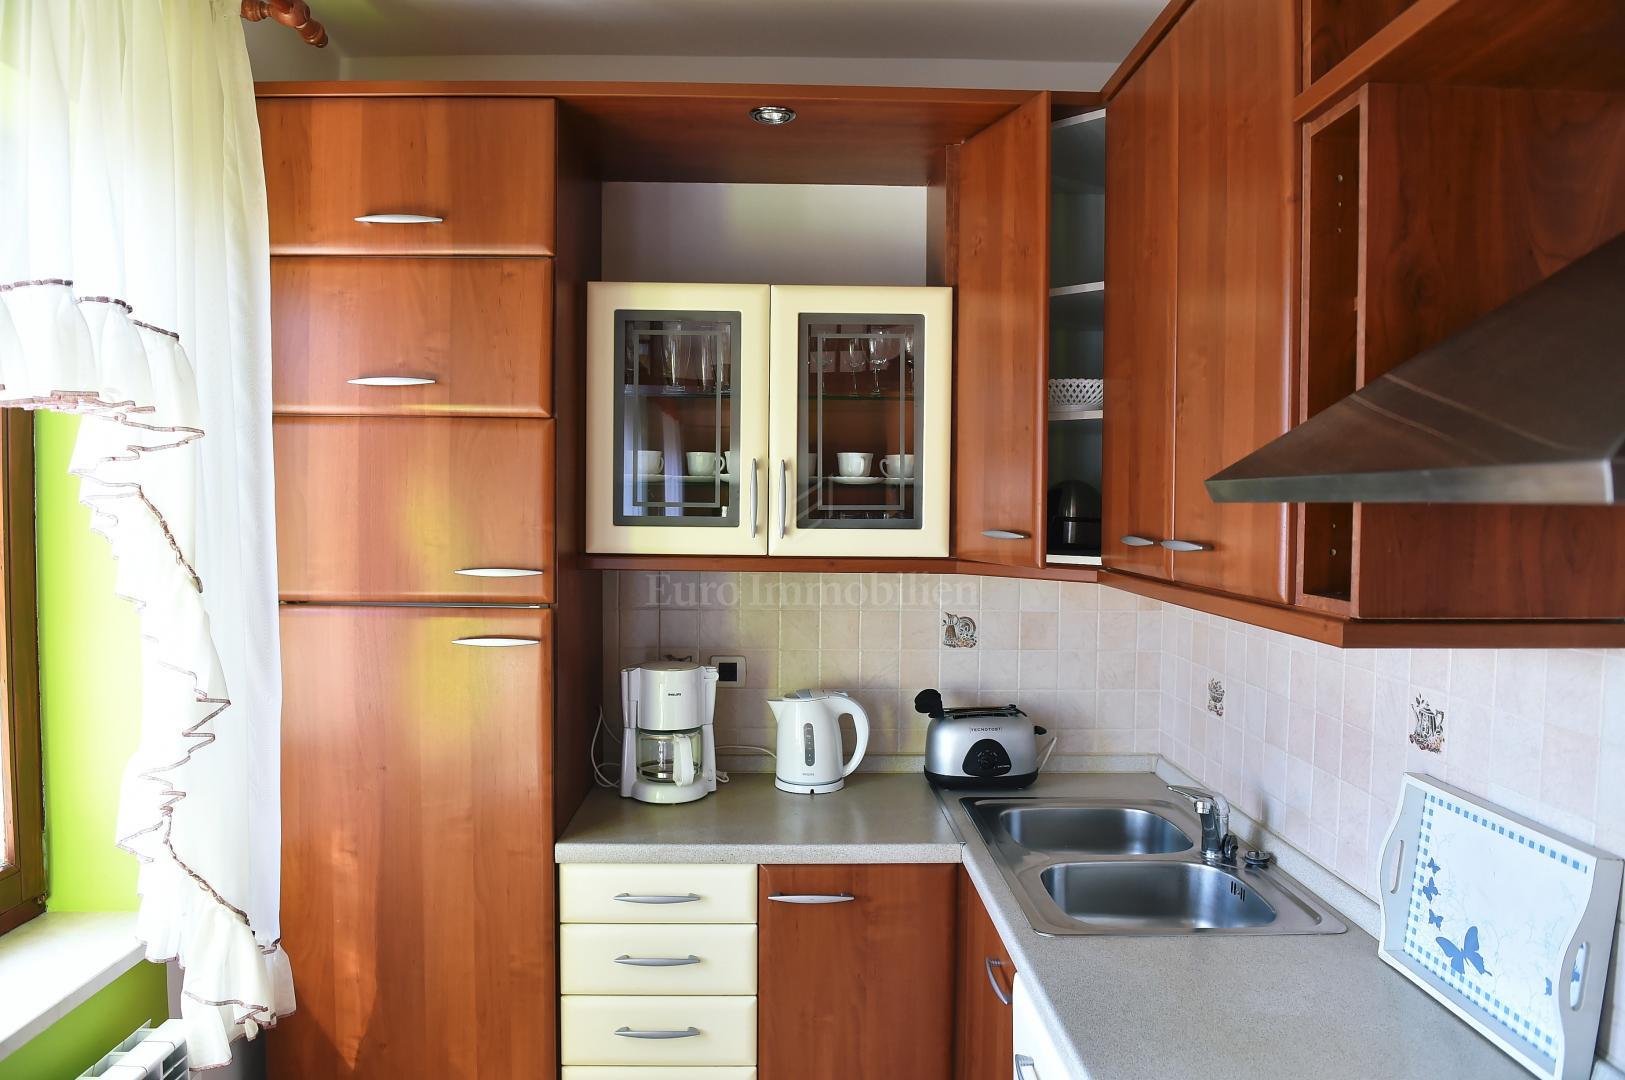 Samostojeća kuća sa tri apartmana! Odlična investicija!